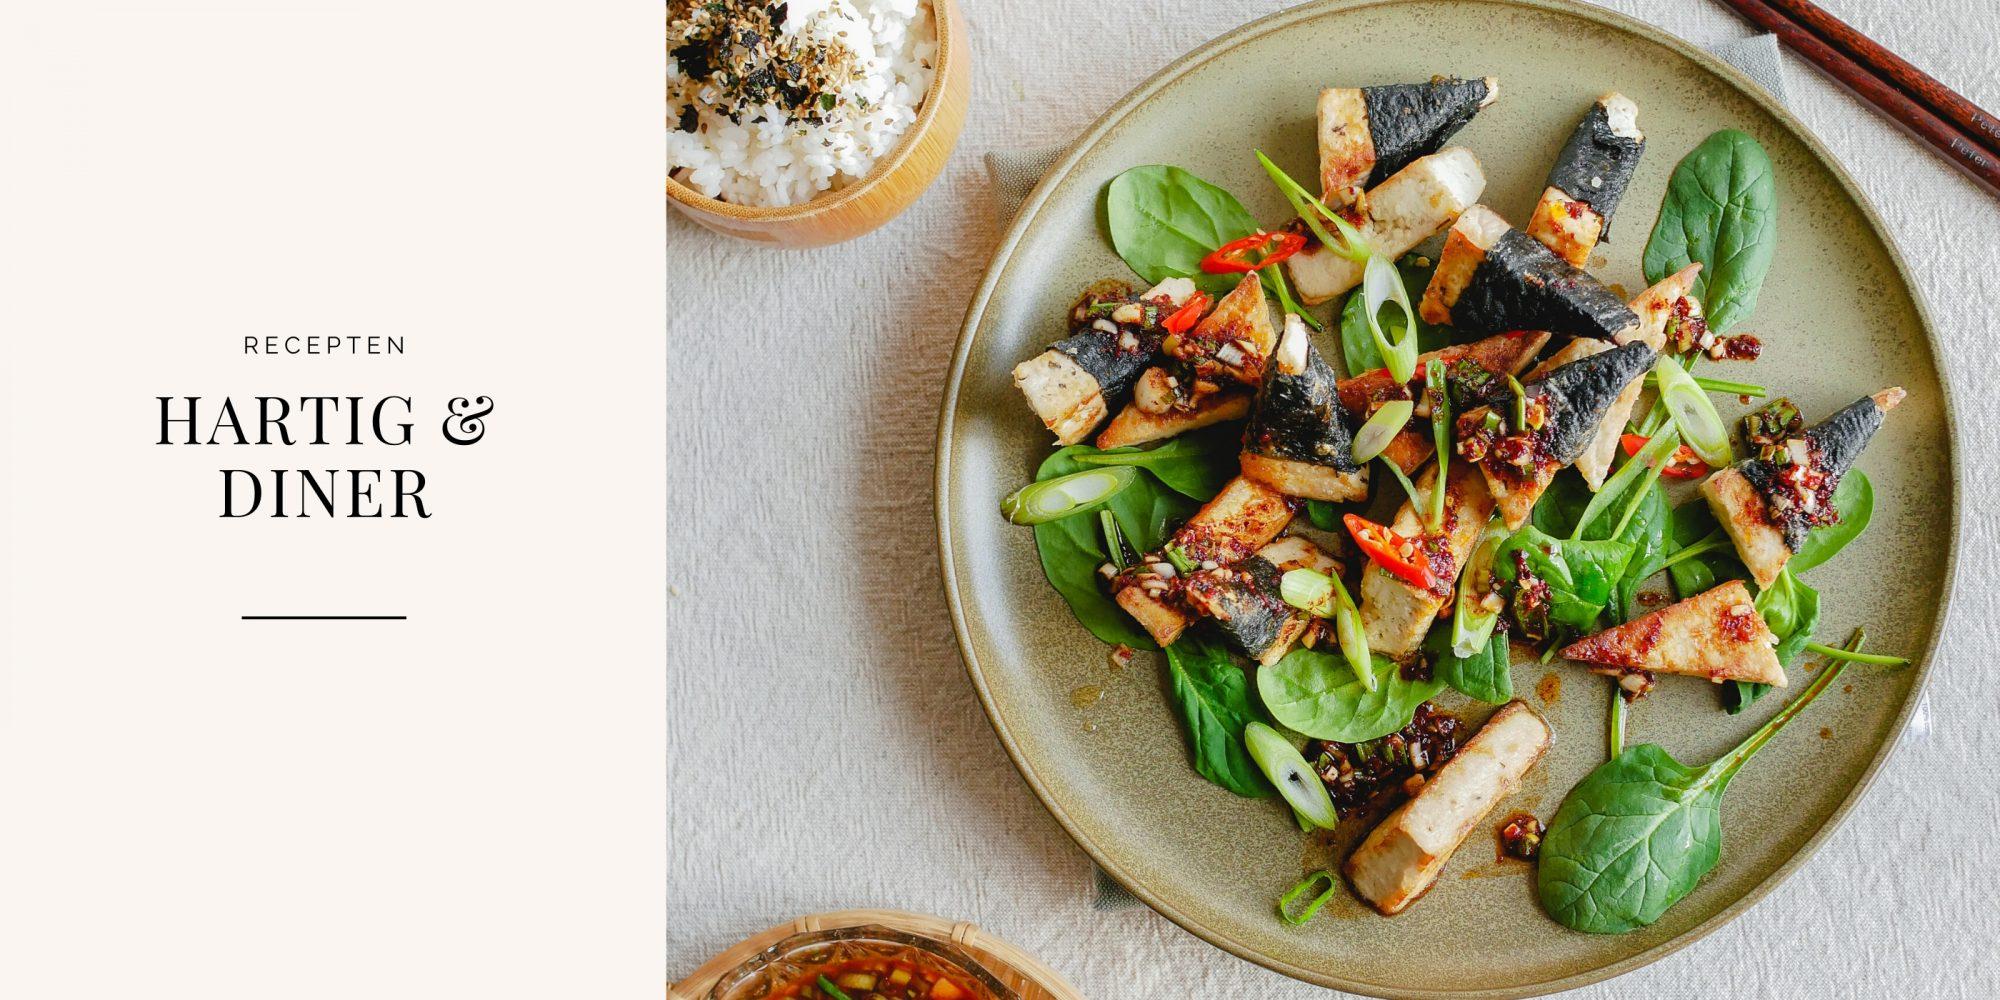 Plakjes tofu met nori in pittige saus op een rond bord.